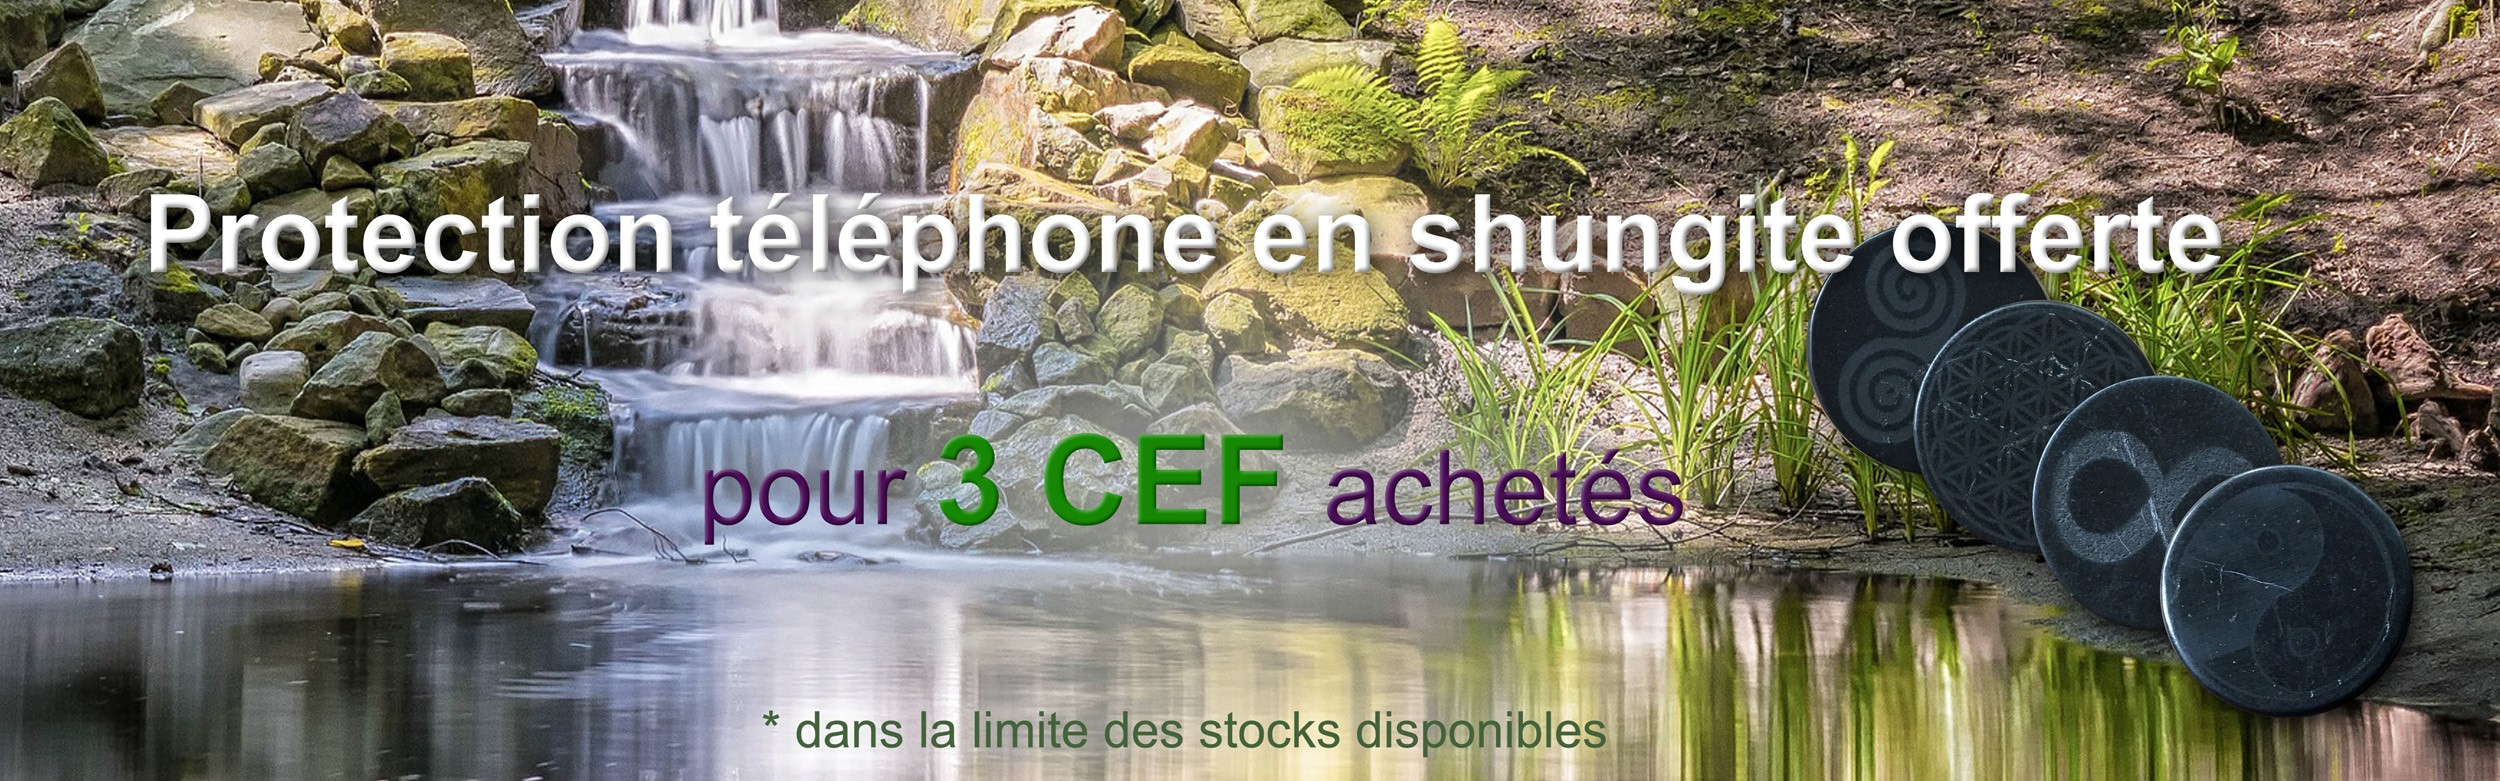 Protection téléphone en shungite offerte pour 3 CEF achetés